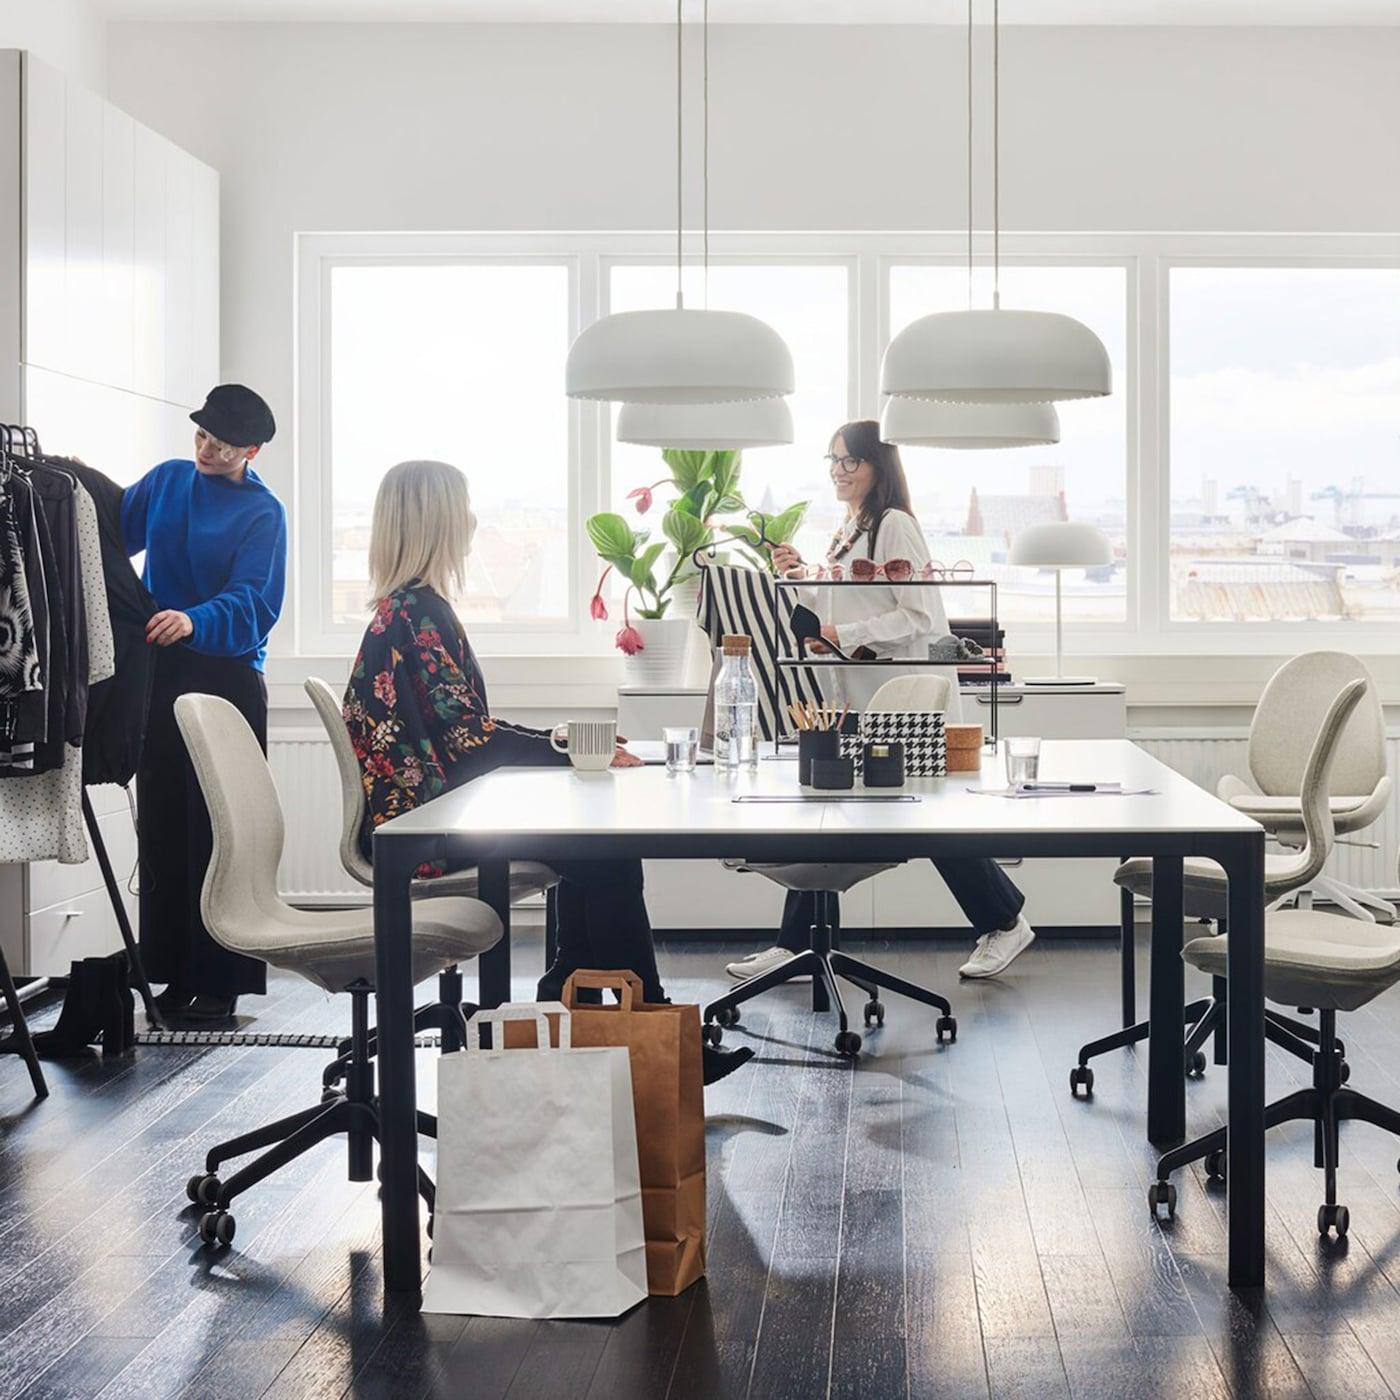 Das IKEA Business Sortiment bietet neben Sitz-/Stehschreibtischen, rollbaren Schubladenelementen und Regalorganisation auch BEKANT Konferenztische weiss/schwarz, von denen kleine Büros und Unternehmen gleichermassen profitieren.